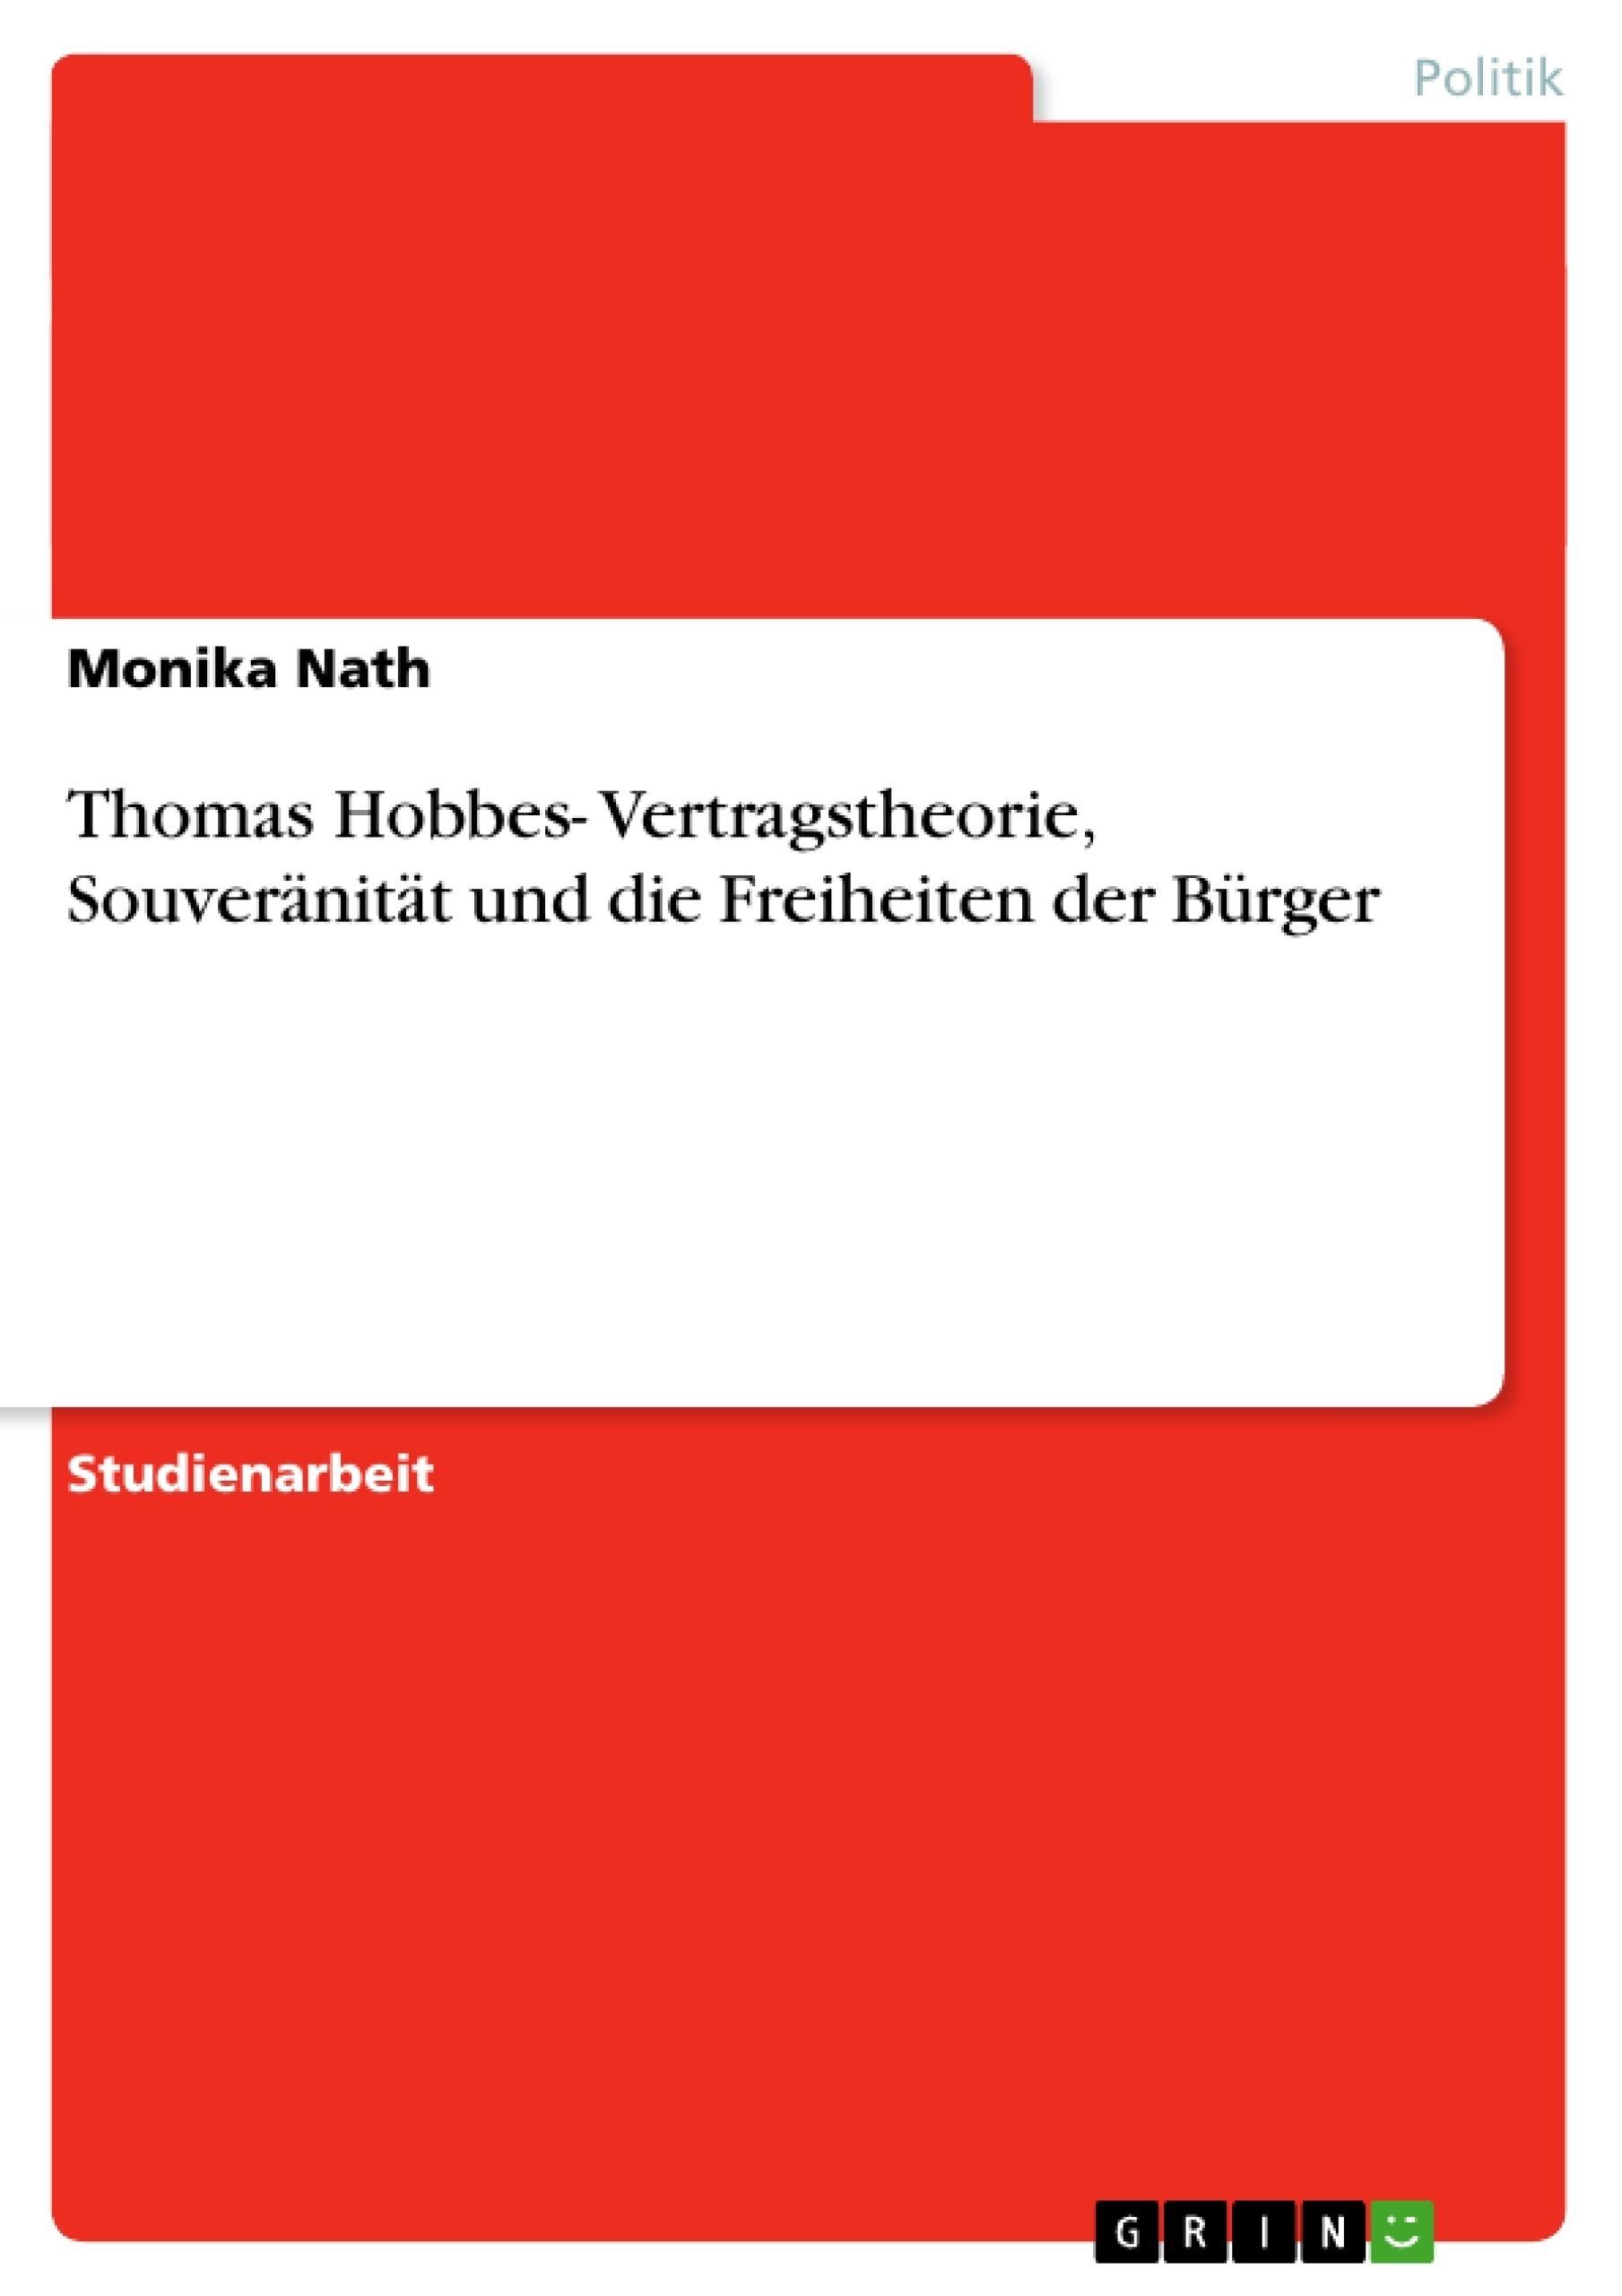 Titel: Thomas Hobbes- Vertragstheorie, Souveränität und die Freiheiten der Bürger